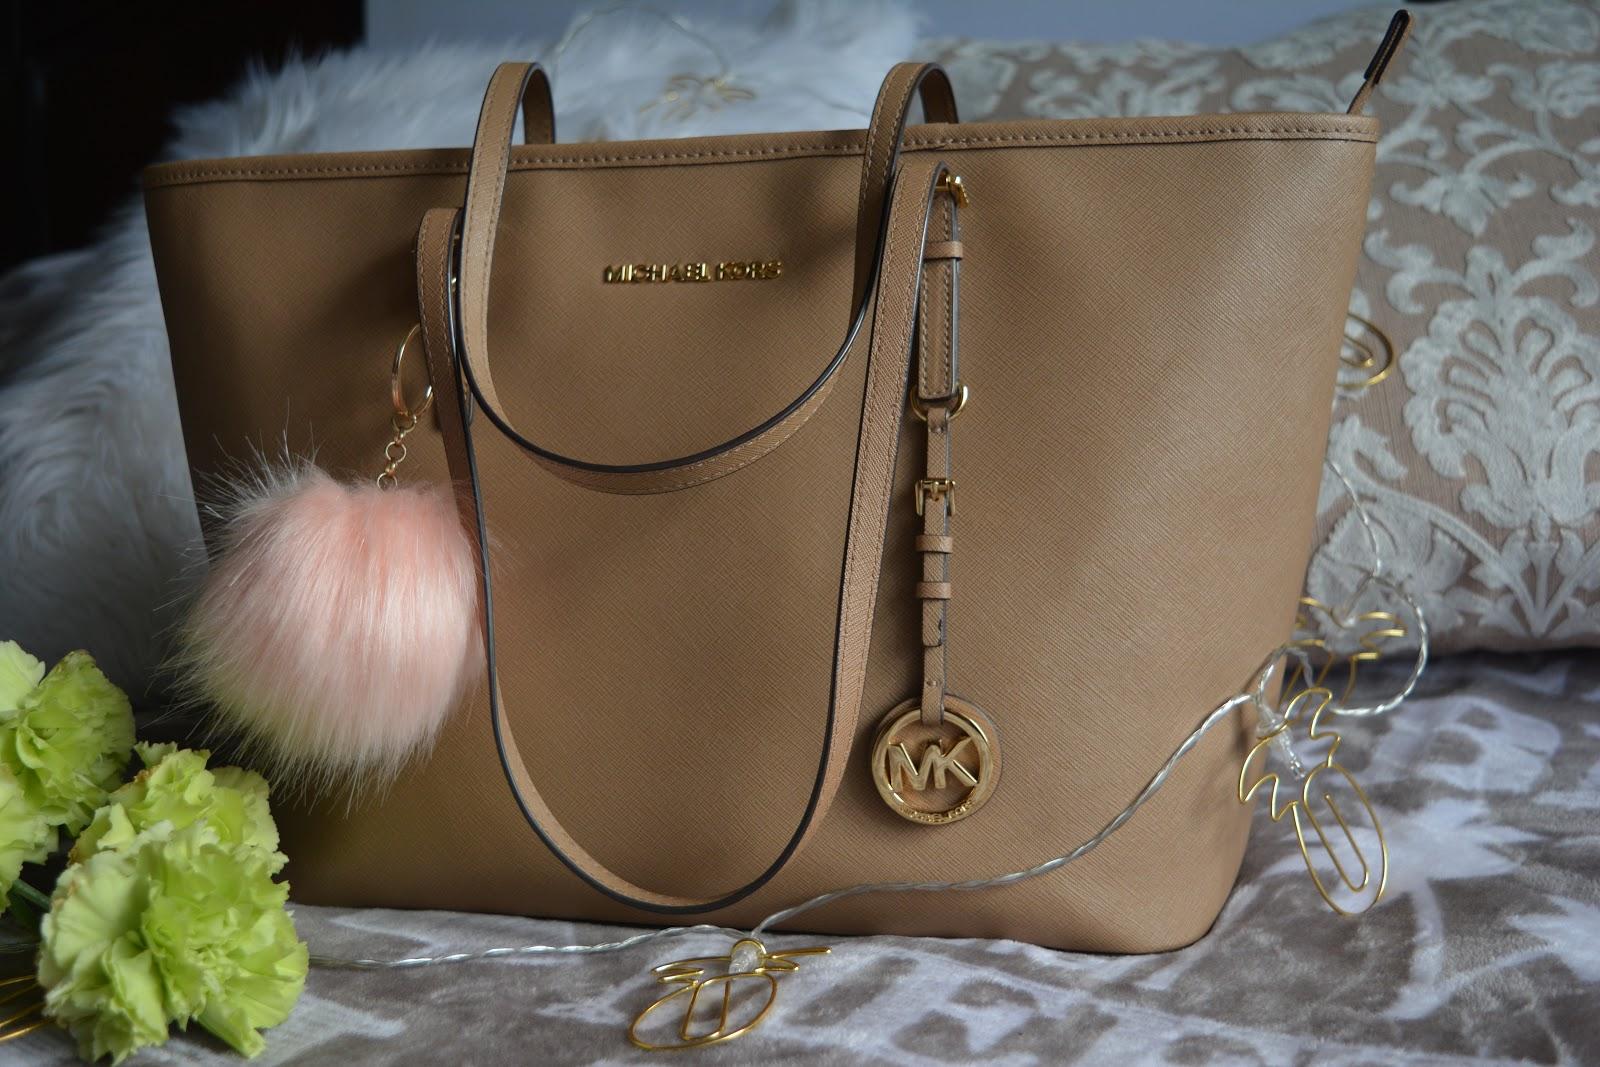 4a5d65c1a6786 Pierwszą torebkę jaką kupiłam tej firmy to Jet Set Travel Medium Saffiano  Leather w kolorze jasny brąz (beżowy). Wielozadaniowa torba, która jest  najlepszym ...